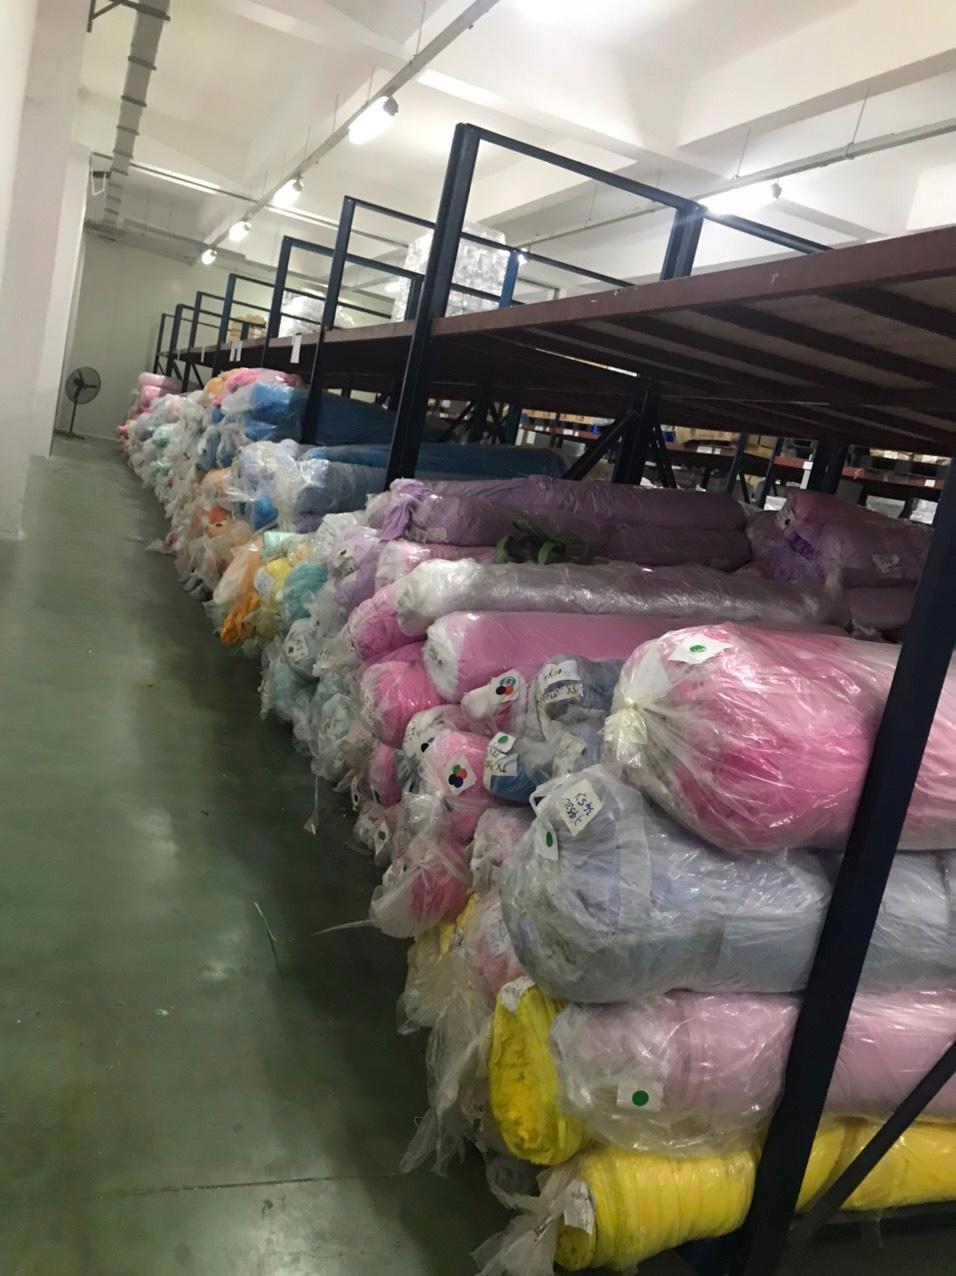 Phế liệu Nam Định Thu mua vải vụn, vải lau, giẻ lau , vải đầu tấm , vải thừa, vải cây tại Nam Định, Ninh Bình ,Thái Bình, Hà Nam, Thanh Hóa, Nha Trang Khánh Hòa